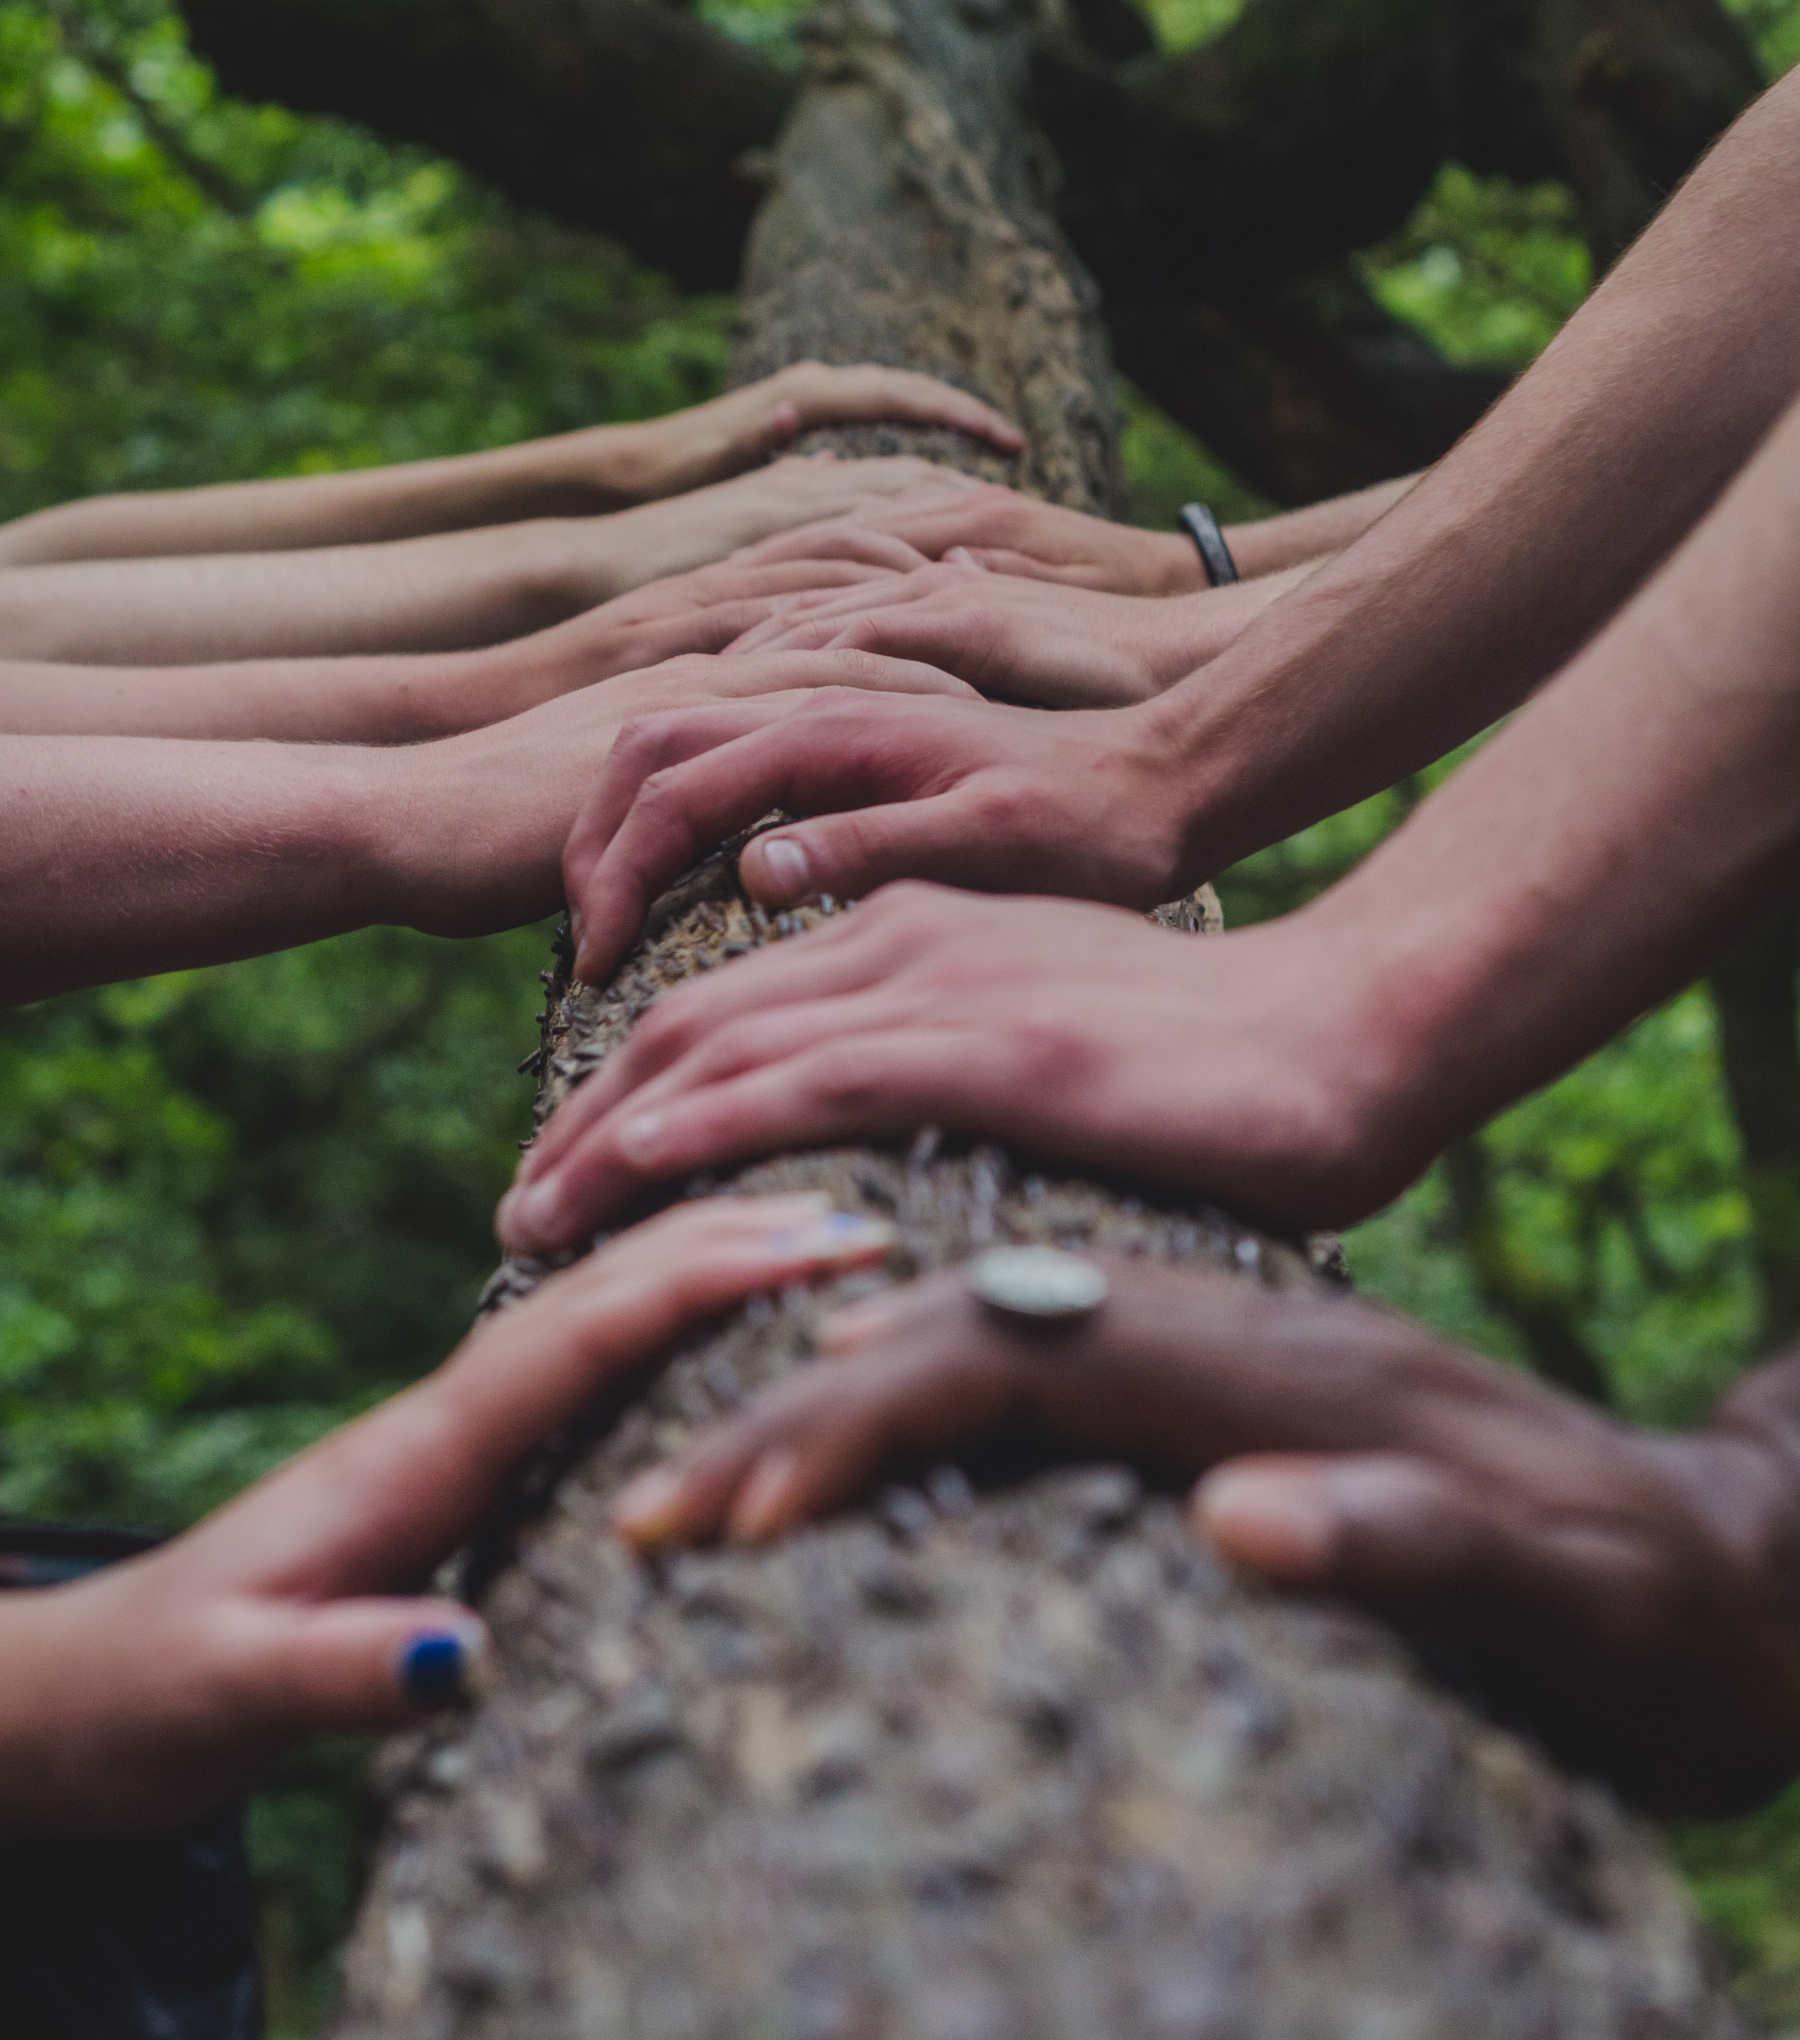 Hands together on a log.